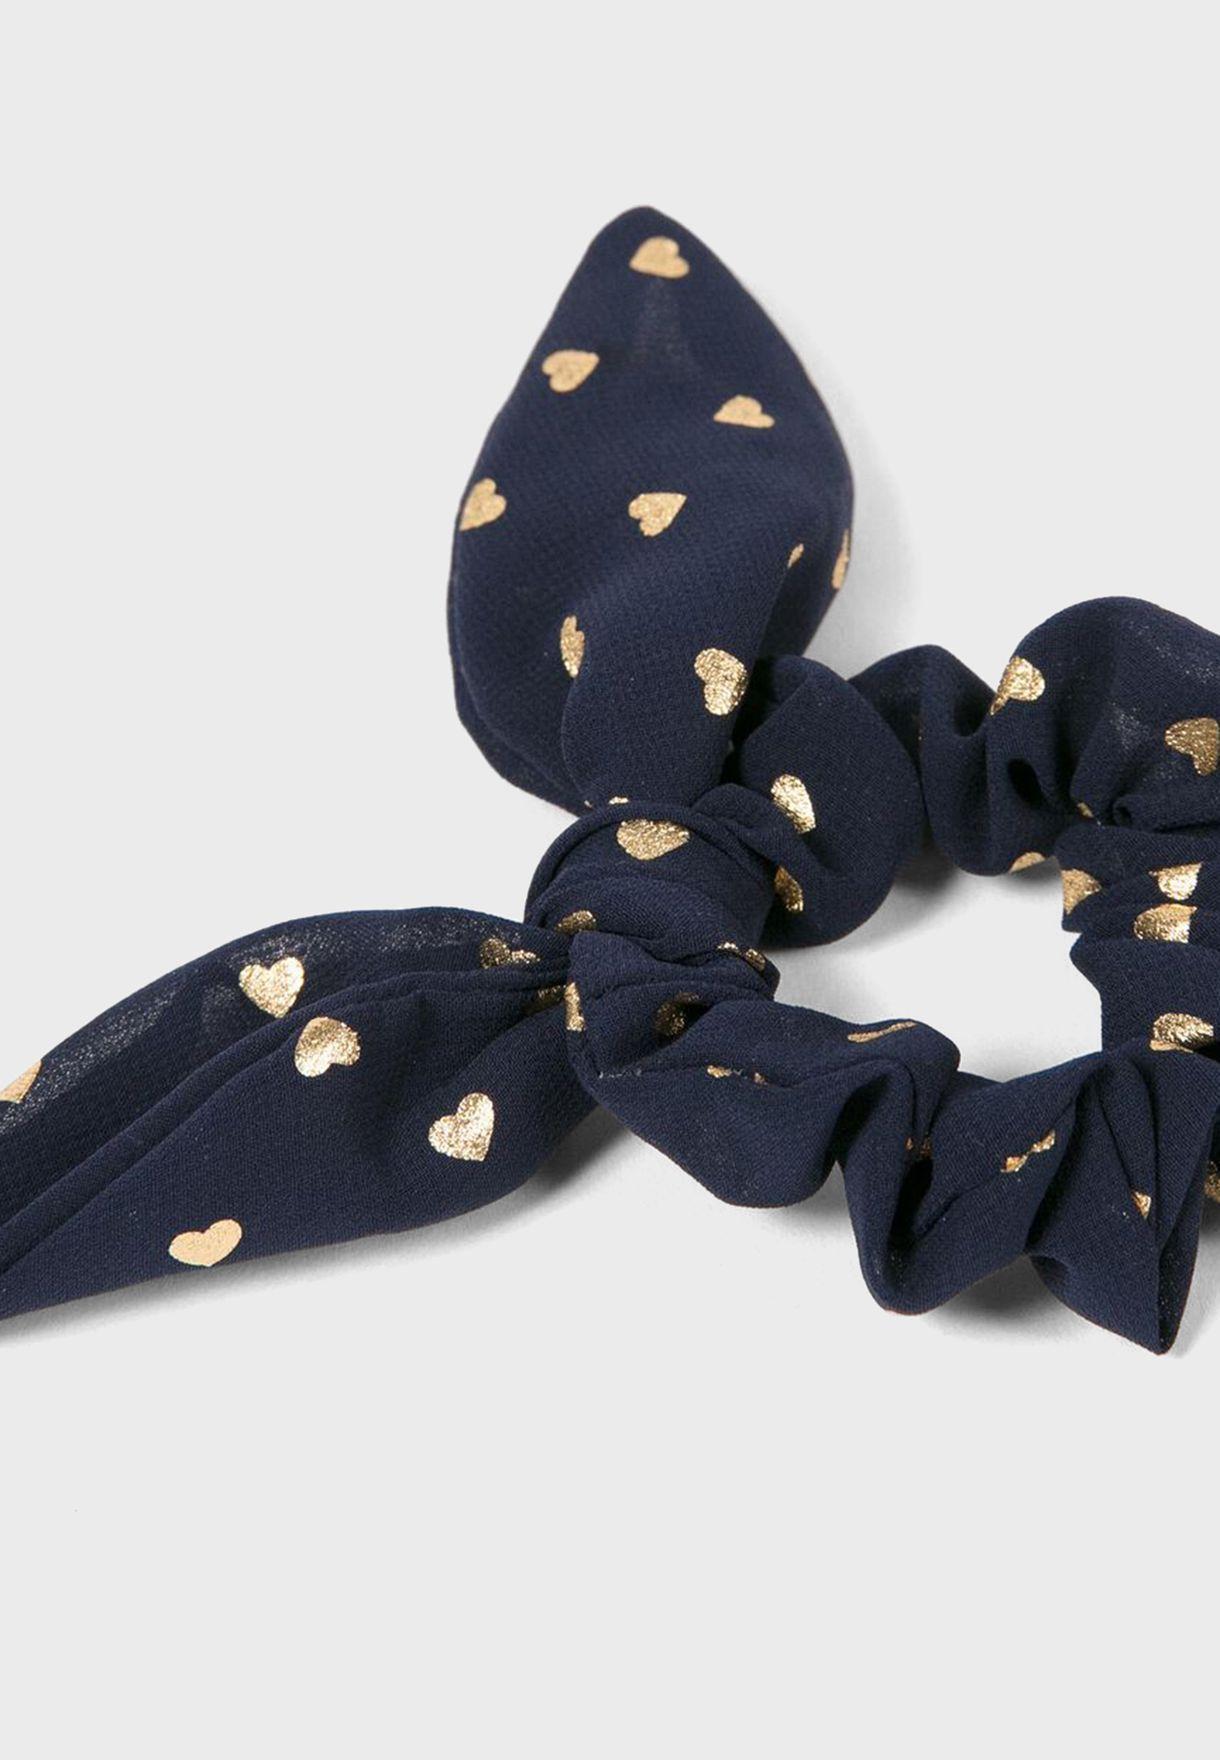 ربطة شعر بطباعة قلوب